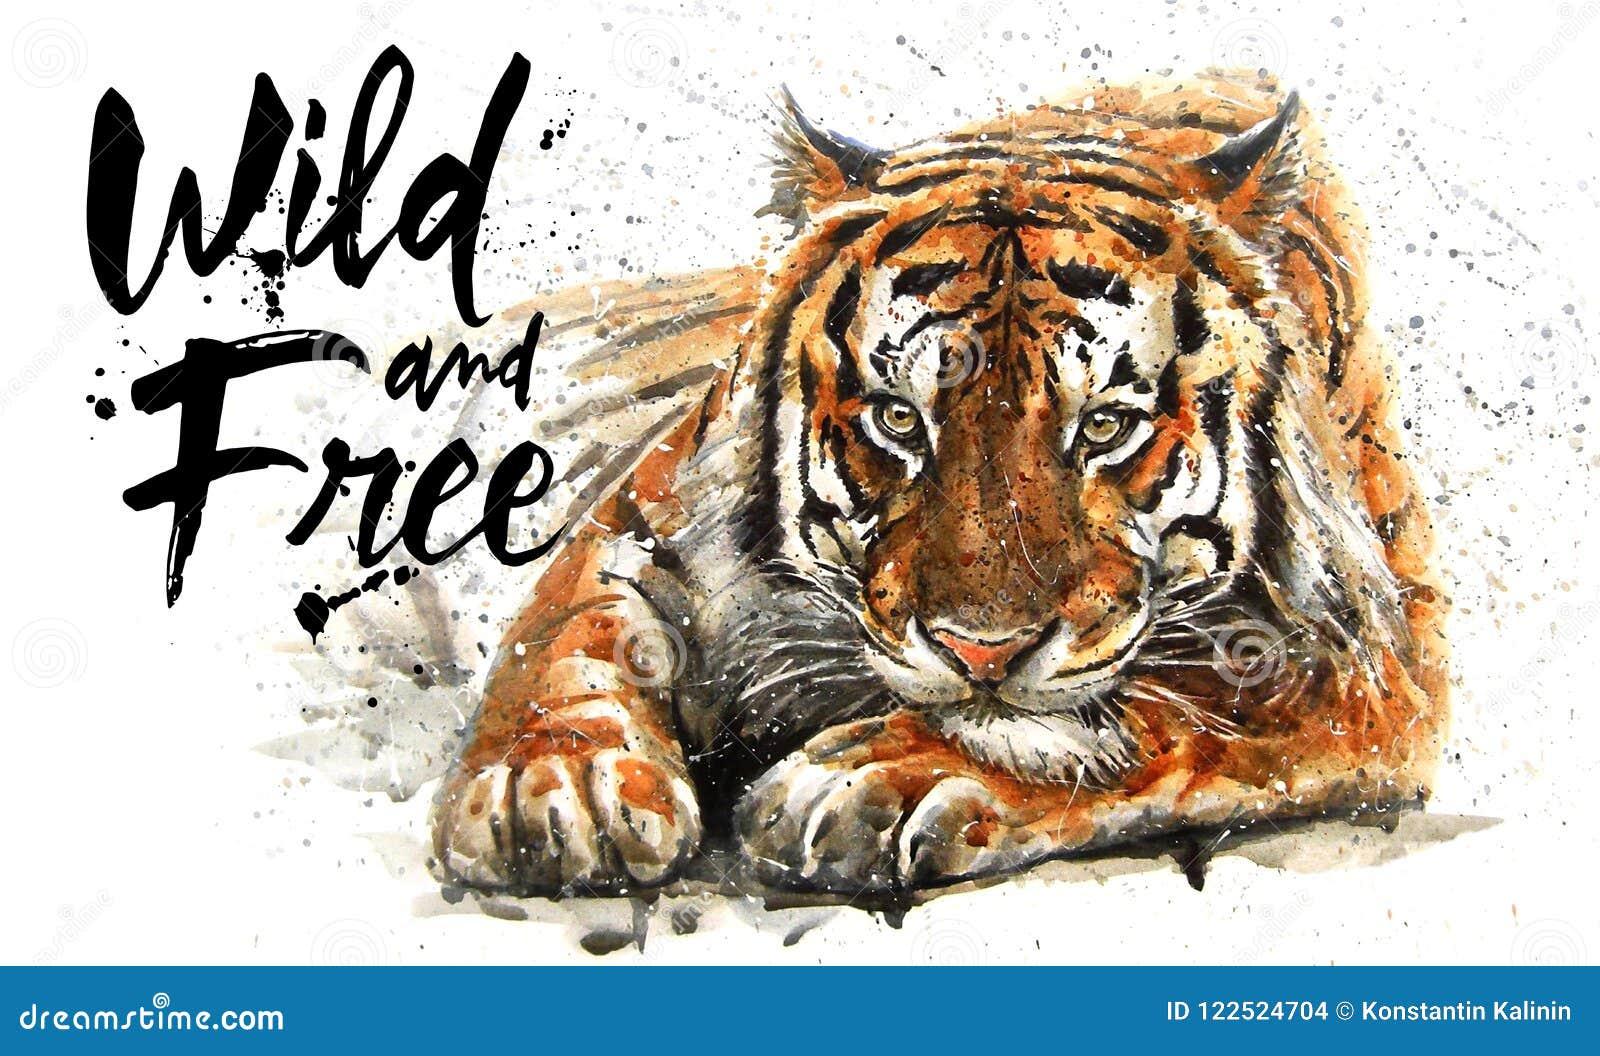 Ζωγραφική watercolor τιγρών, αρπακτικό ζώο ζώων, σχέδιο της μπλούζας, άγριος και ελεύθερος, τυπωμένη ύλη, κυνηγός, βασιλιάς της ζ